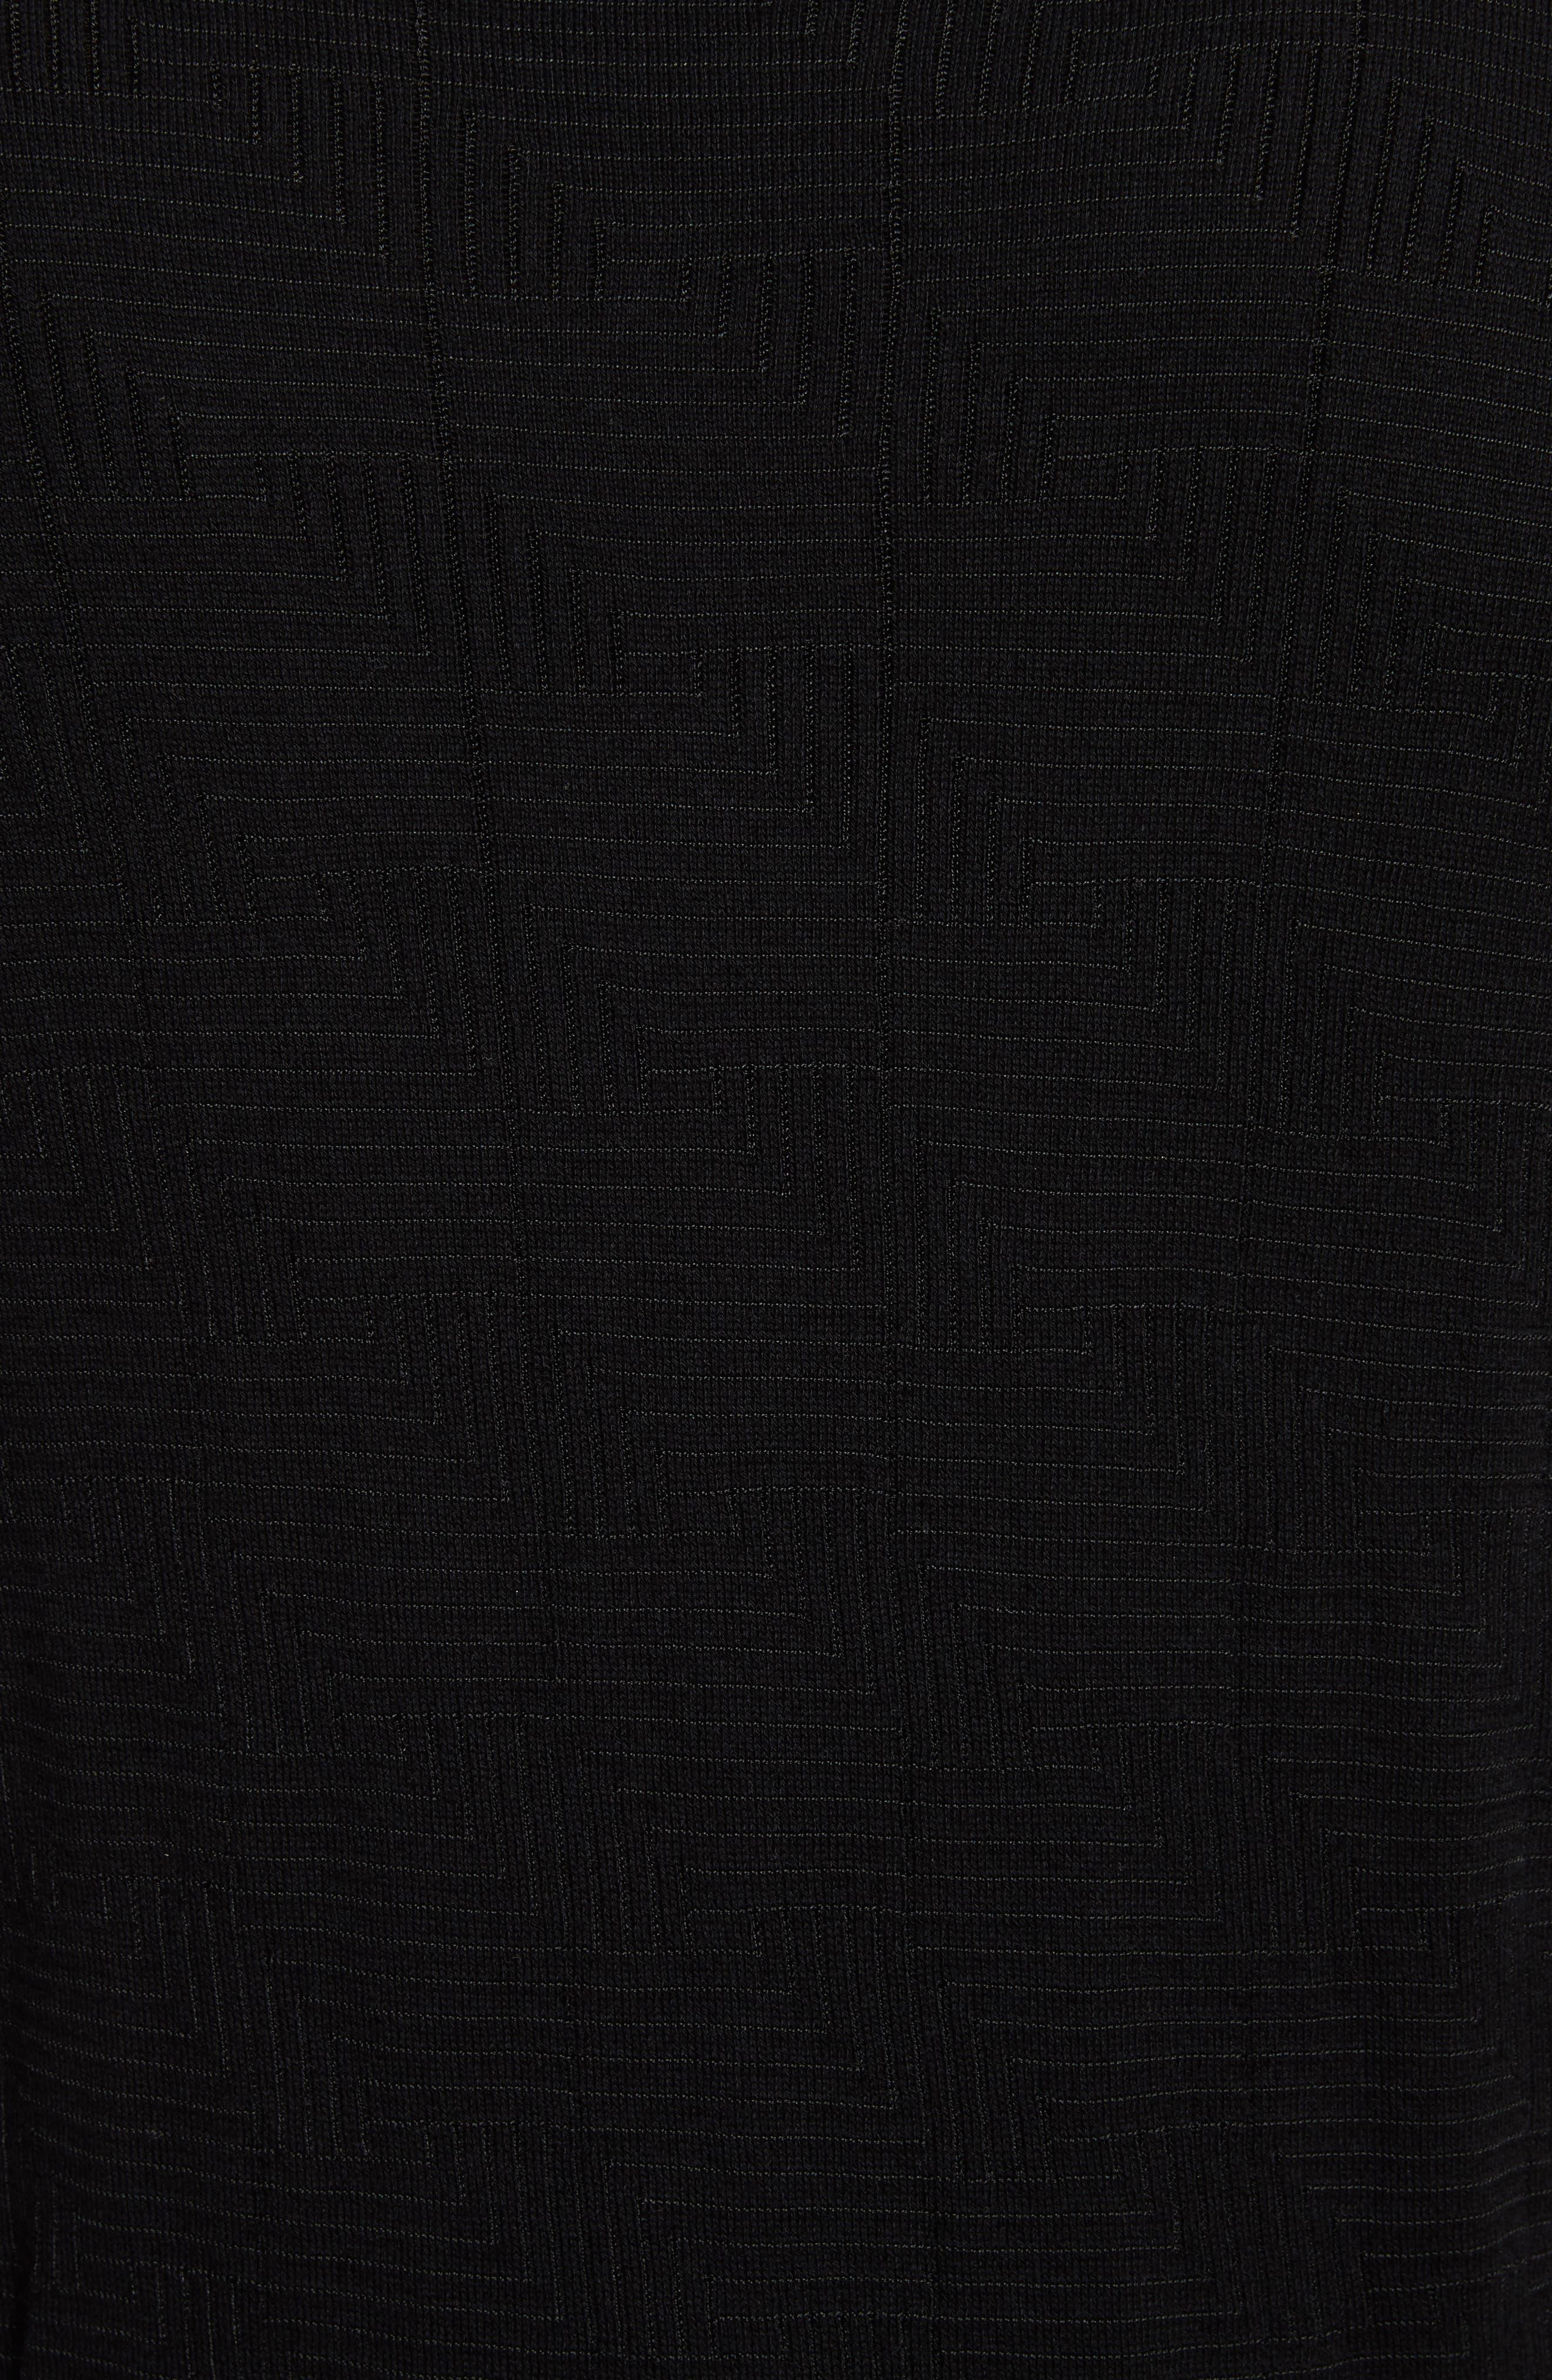 Frame Jacquard Sweater,                             Alternate thumbnail 5, color,                             Black